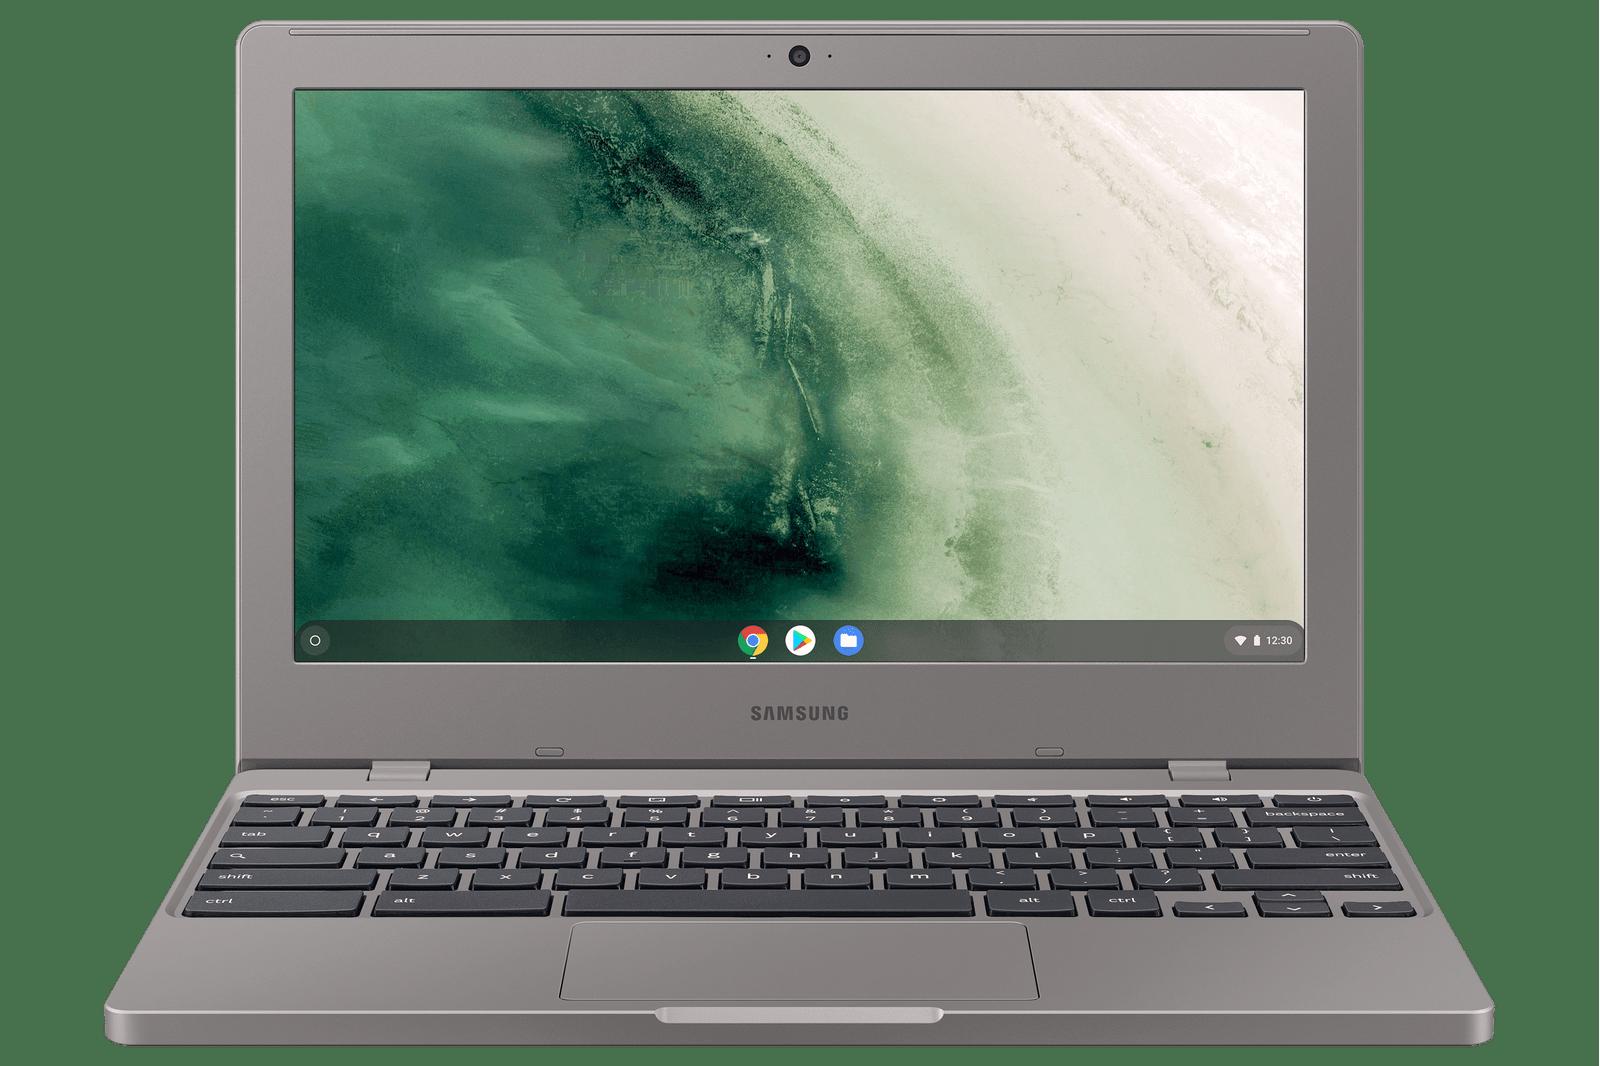 Imagem do notebook modelo Samsung Chromebook SS